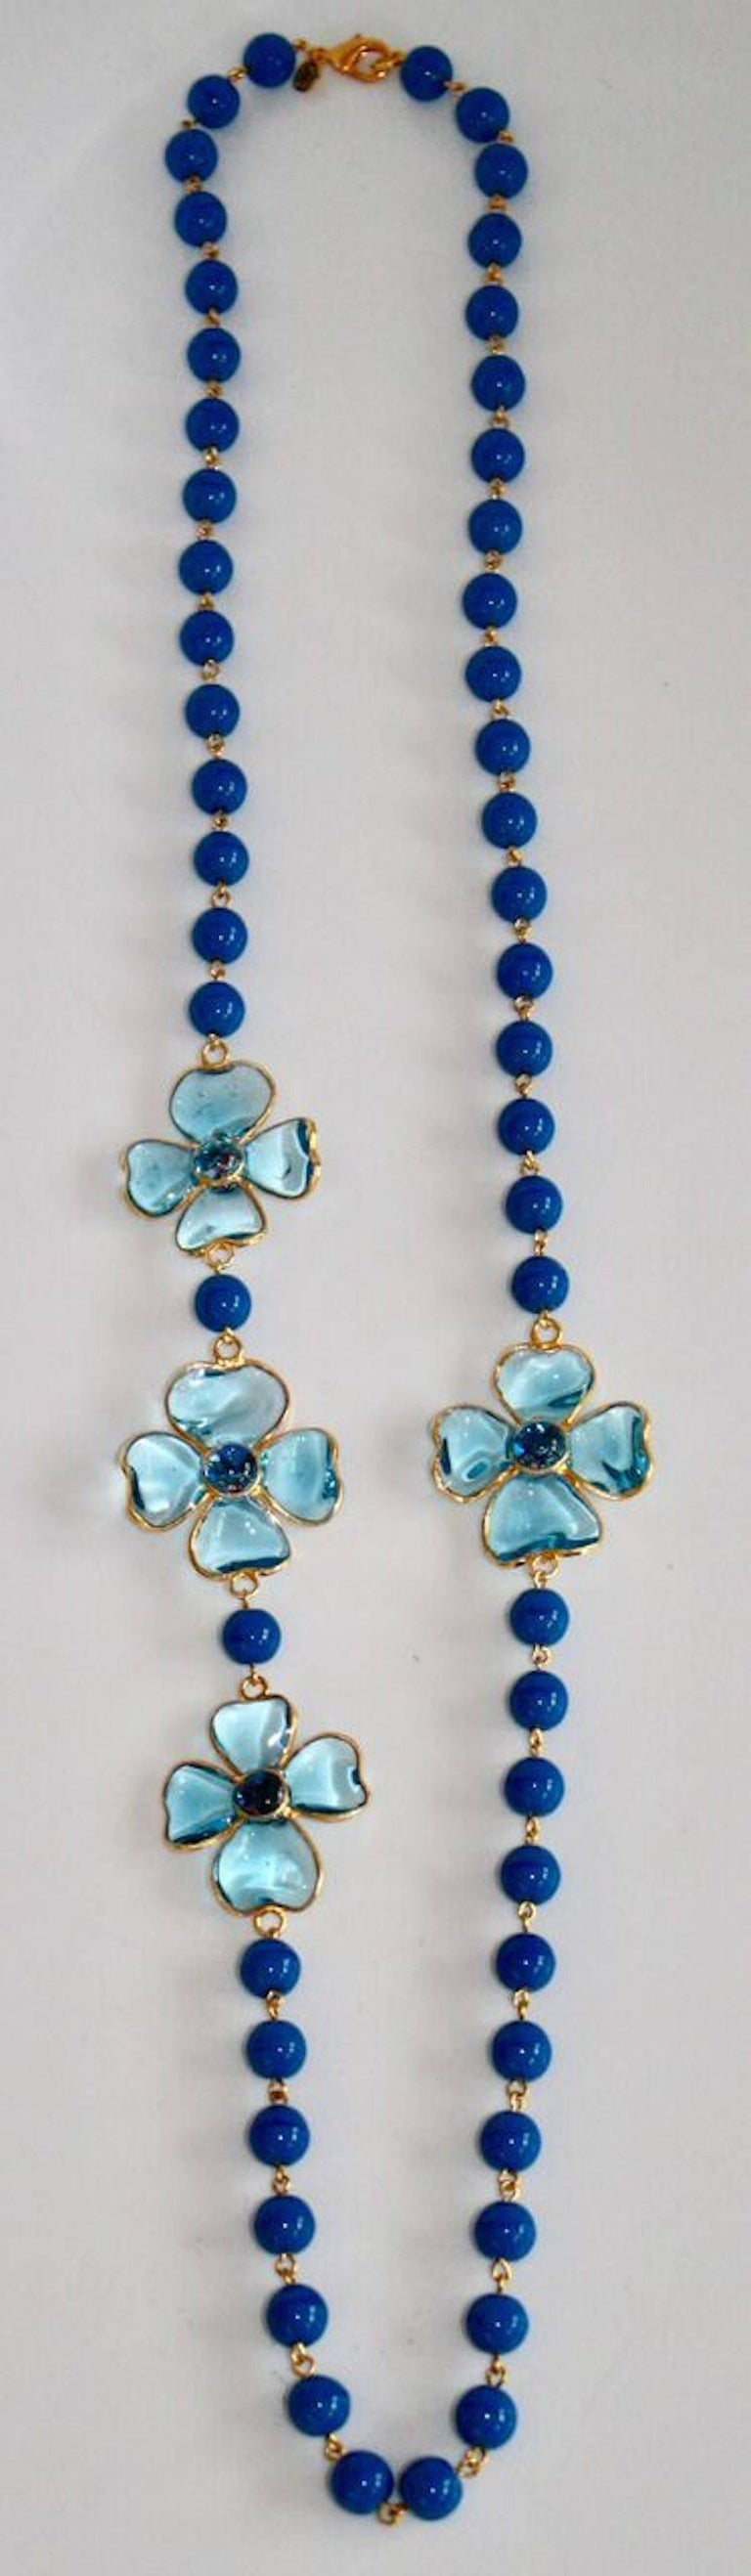 Francoise Montague Blue Pate de Verre Glass Amalfi Necklace 3